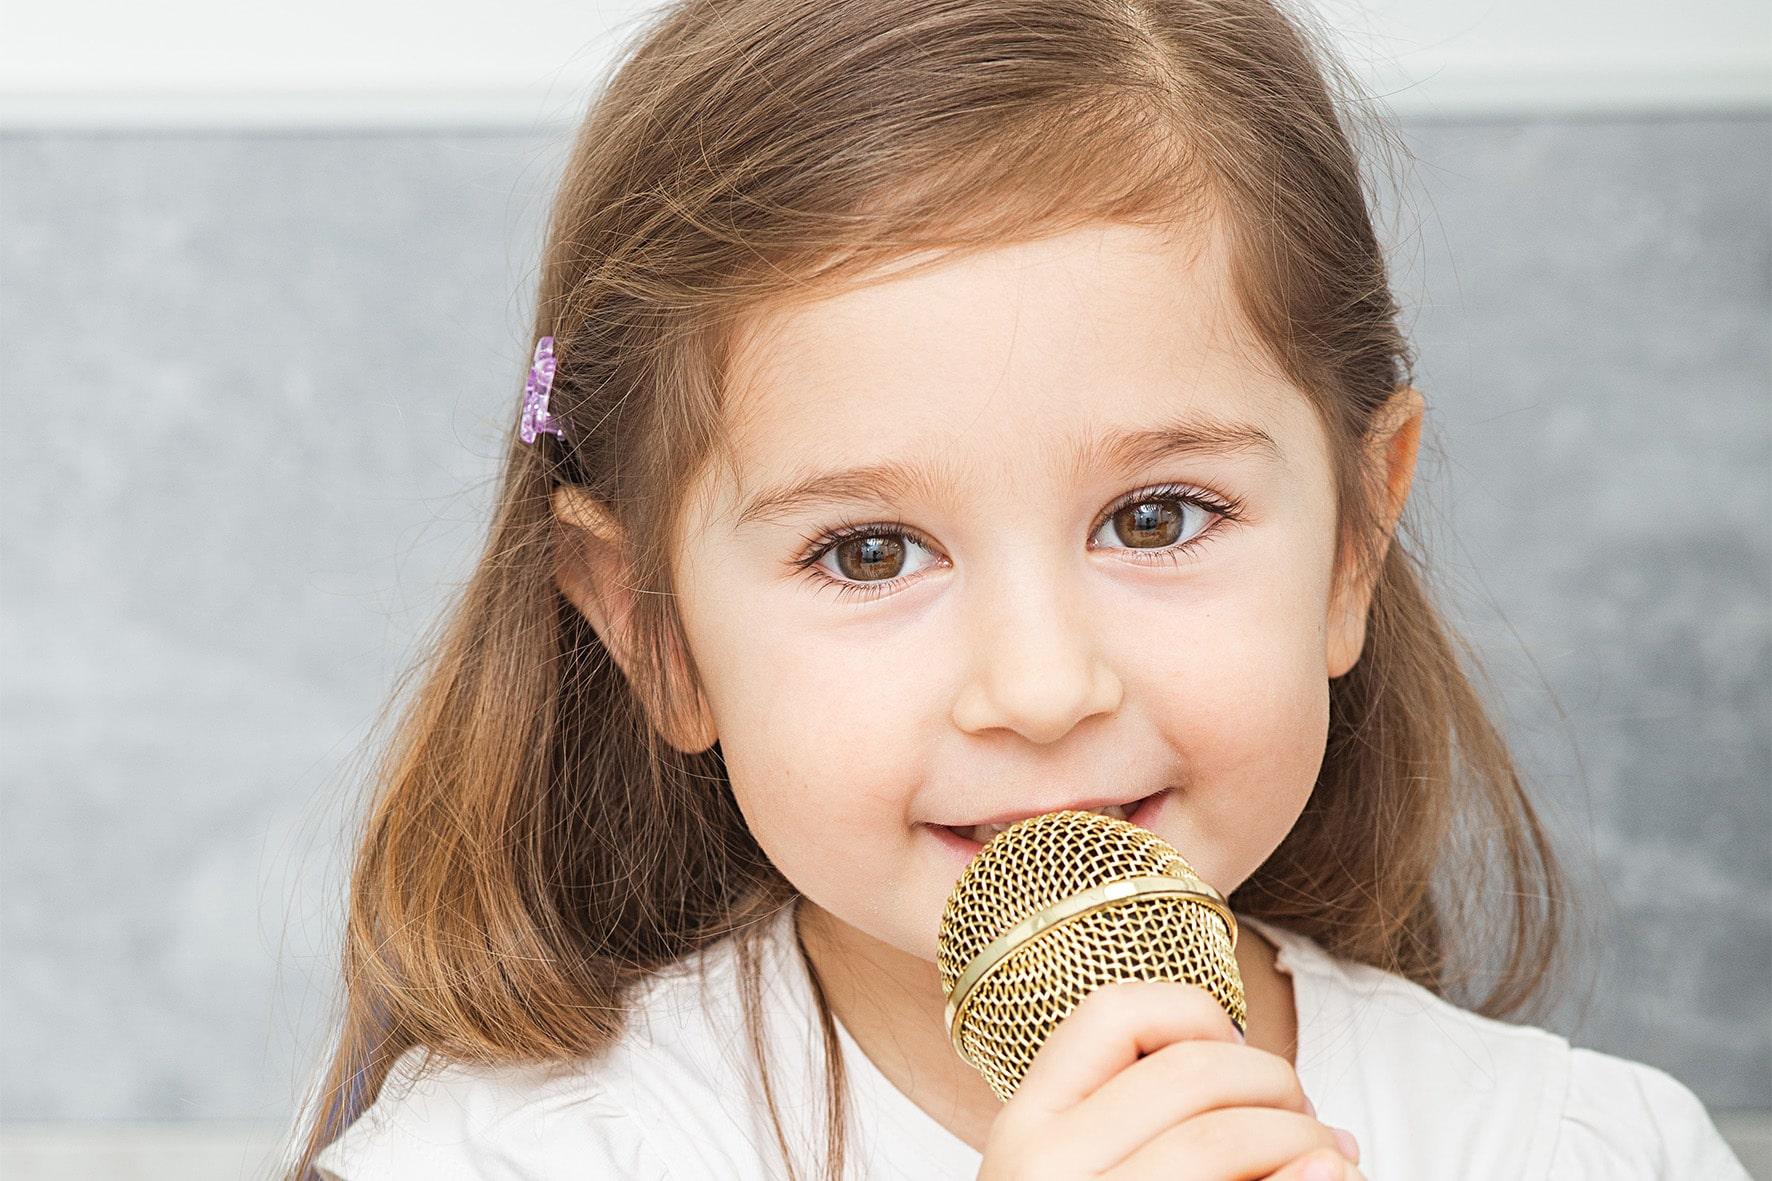 дитина з порушенням слуху